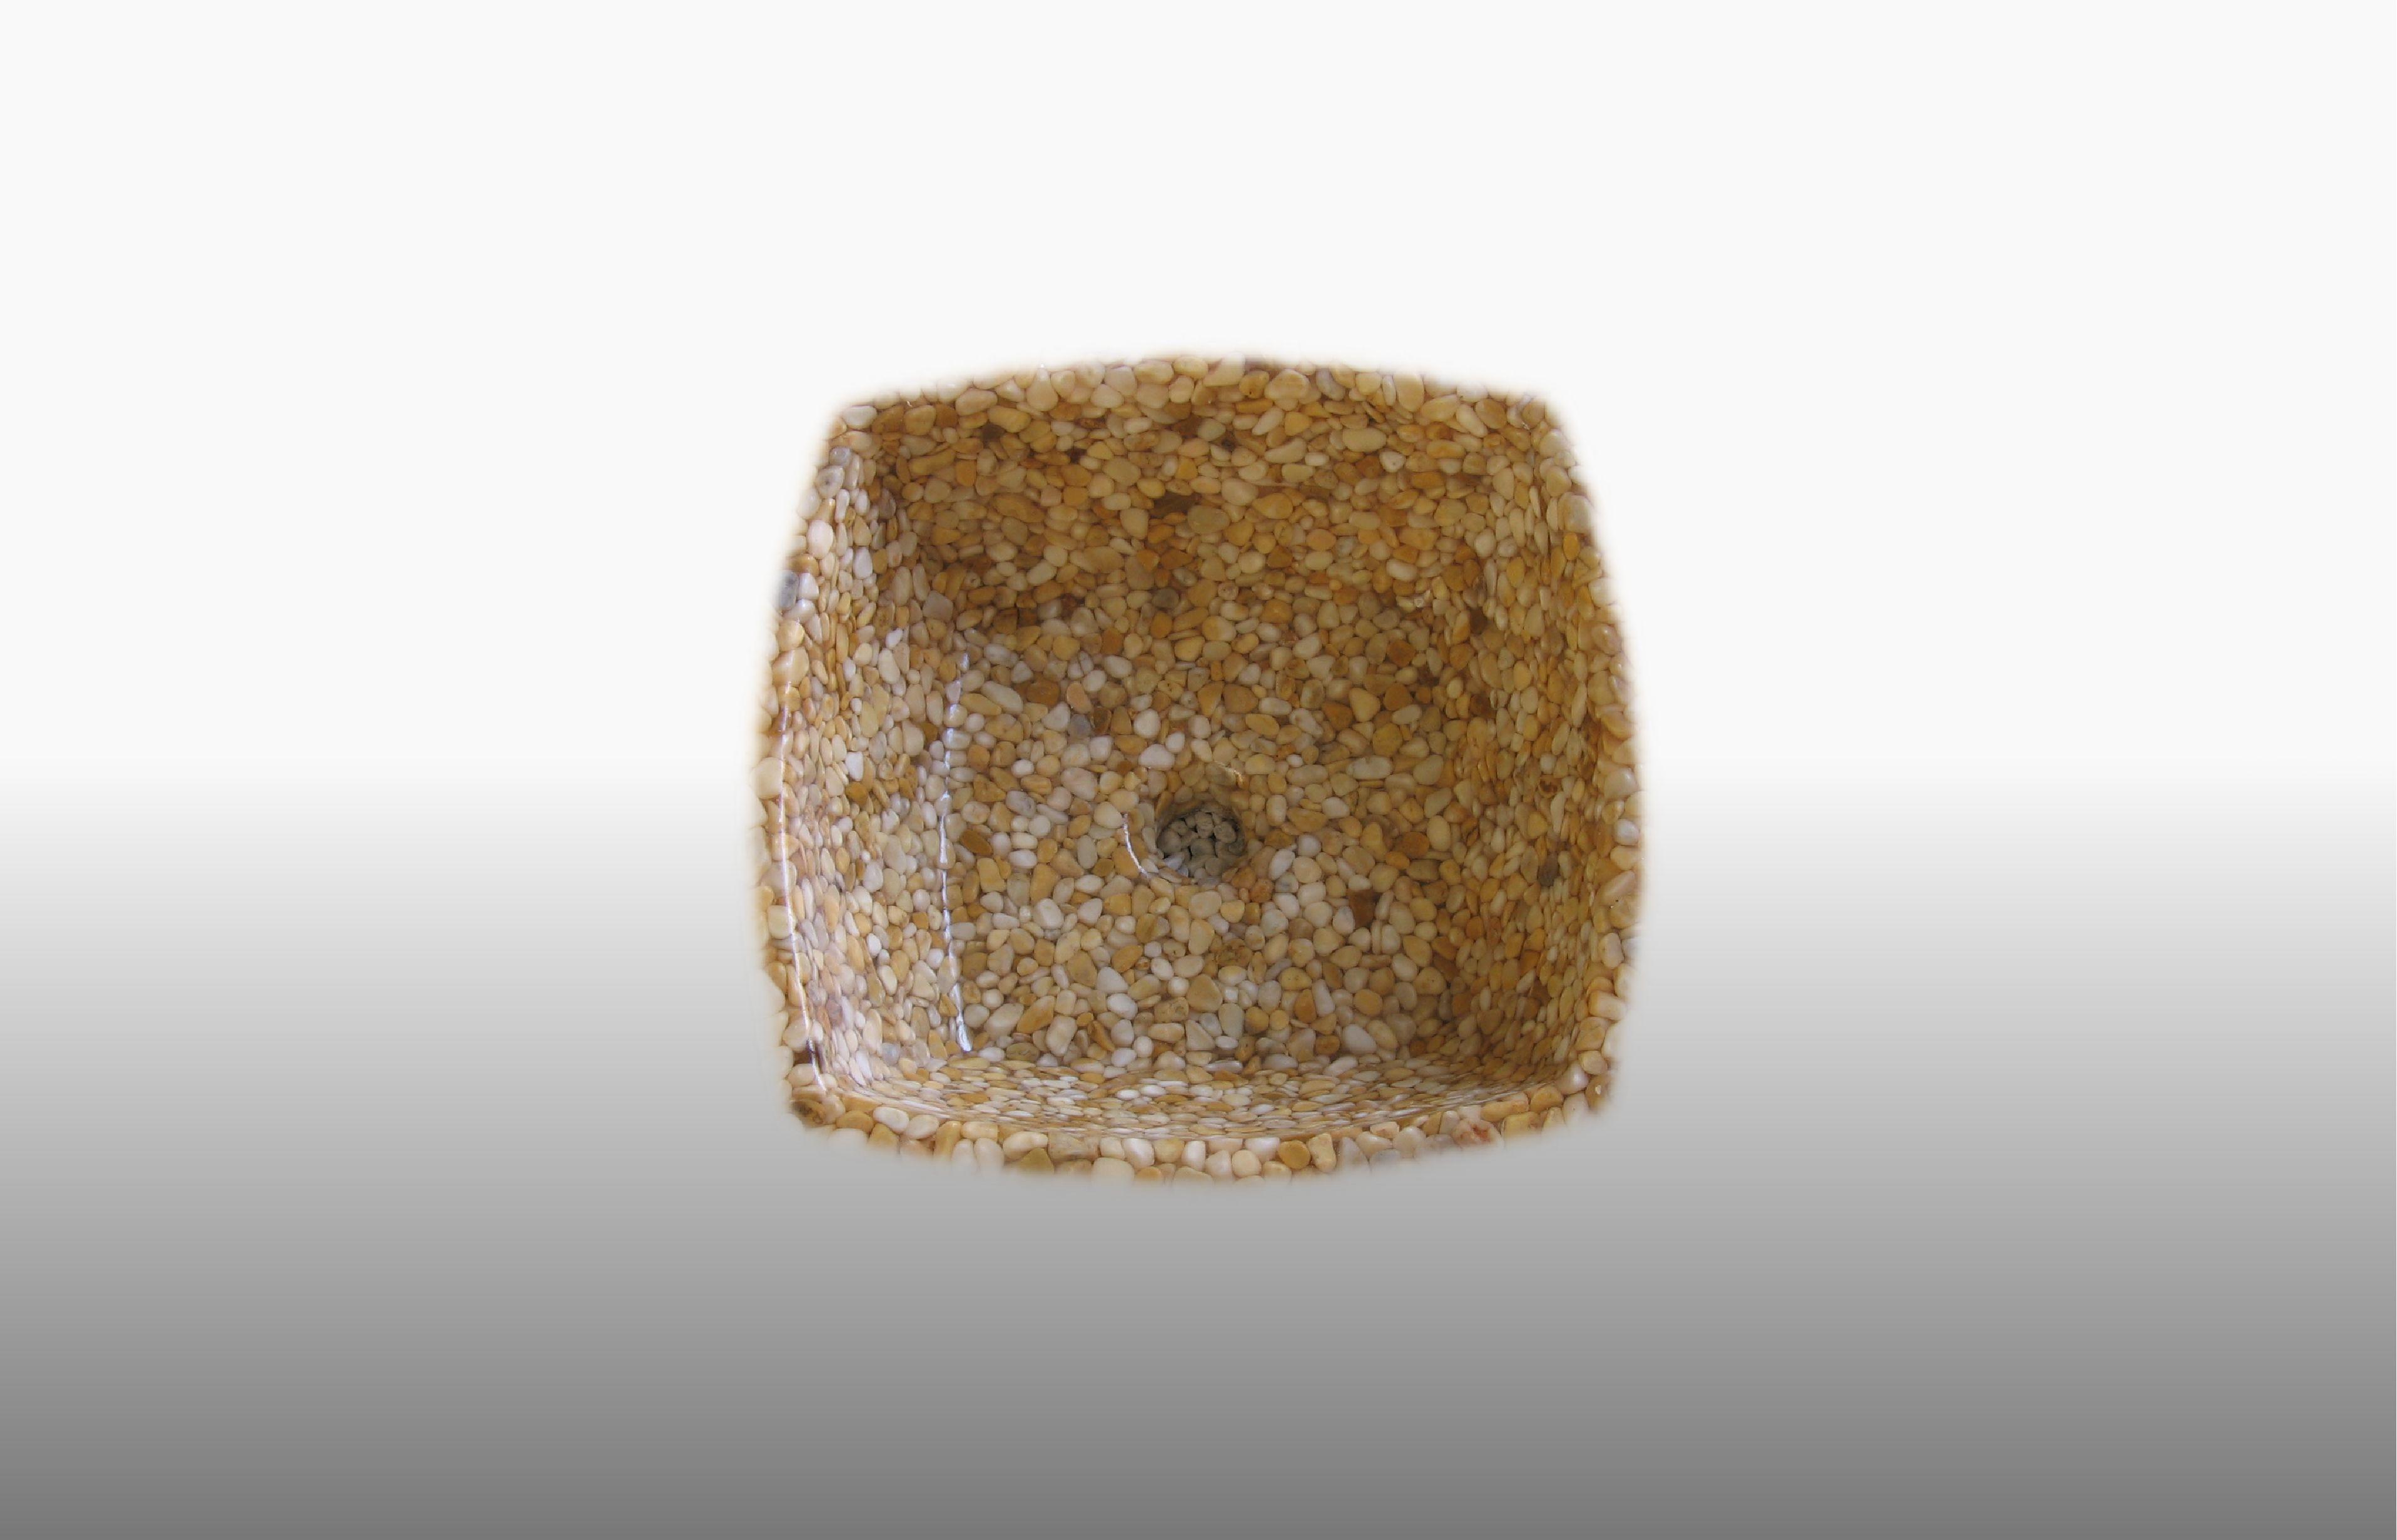 Lavabo in ciottoli Giallo Siena e resina trasparente misura 43x43 cm  - prezzo 230,00 € - 317